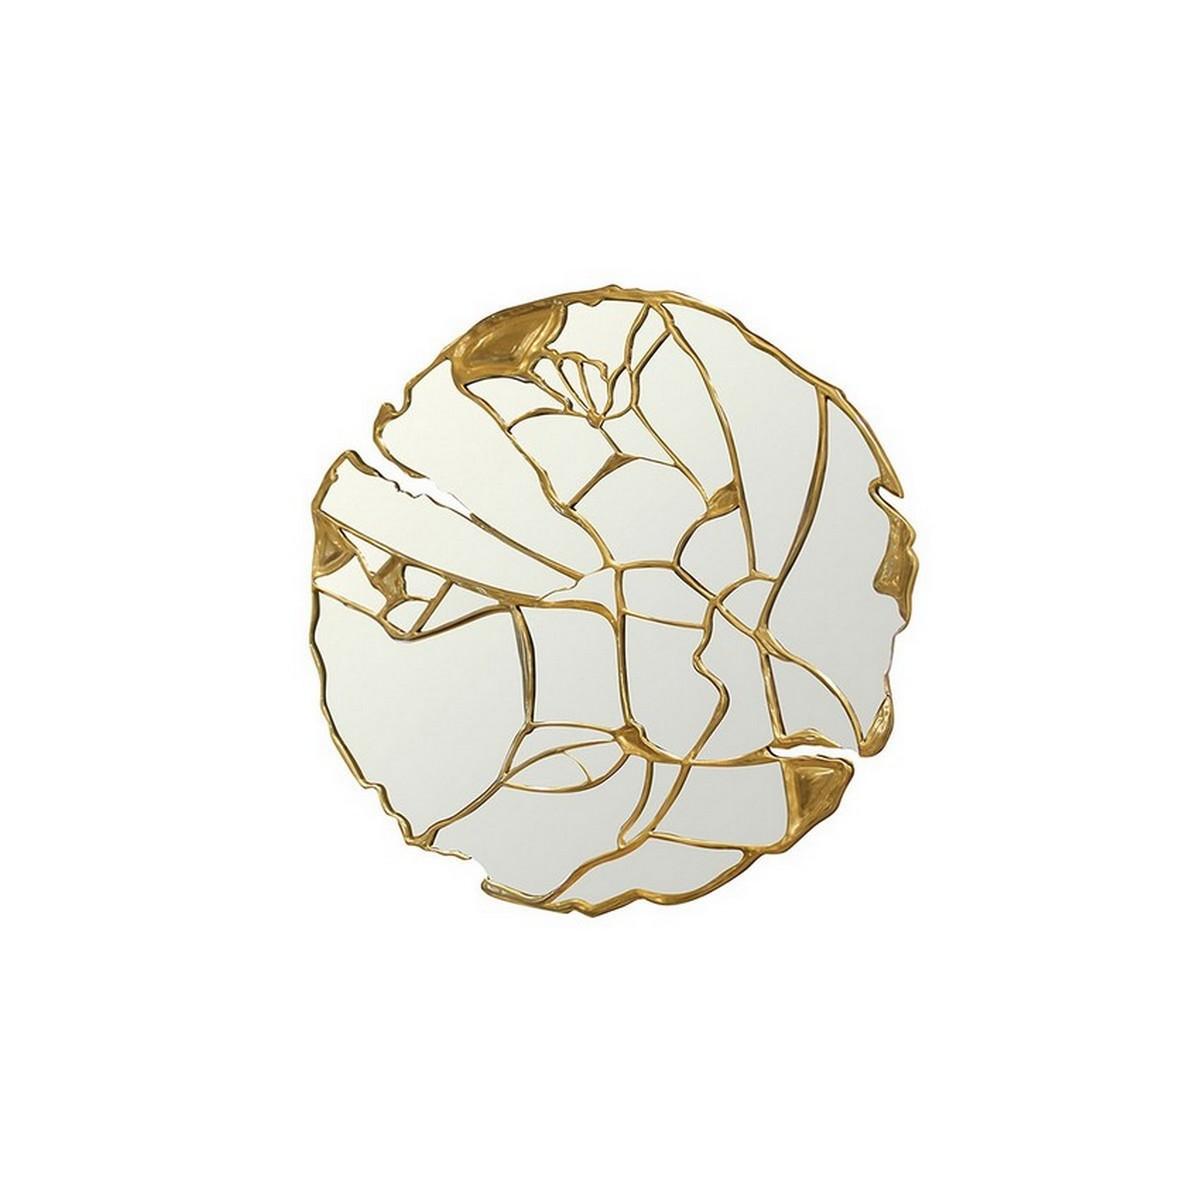 Espejos excluisvos: Piezas elegantes y lujuosas para un proyecto perfecto espejos exclusivos Espejos exclusivos: Piezas elegantes y lujuosas para un proyecto perfecto glance2